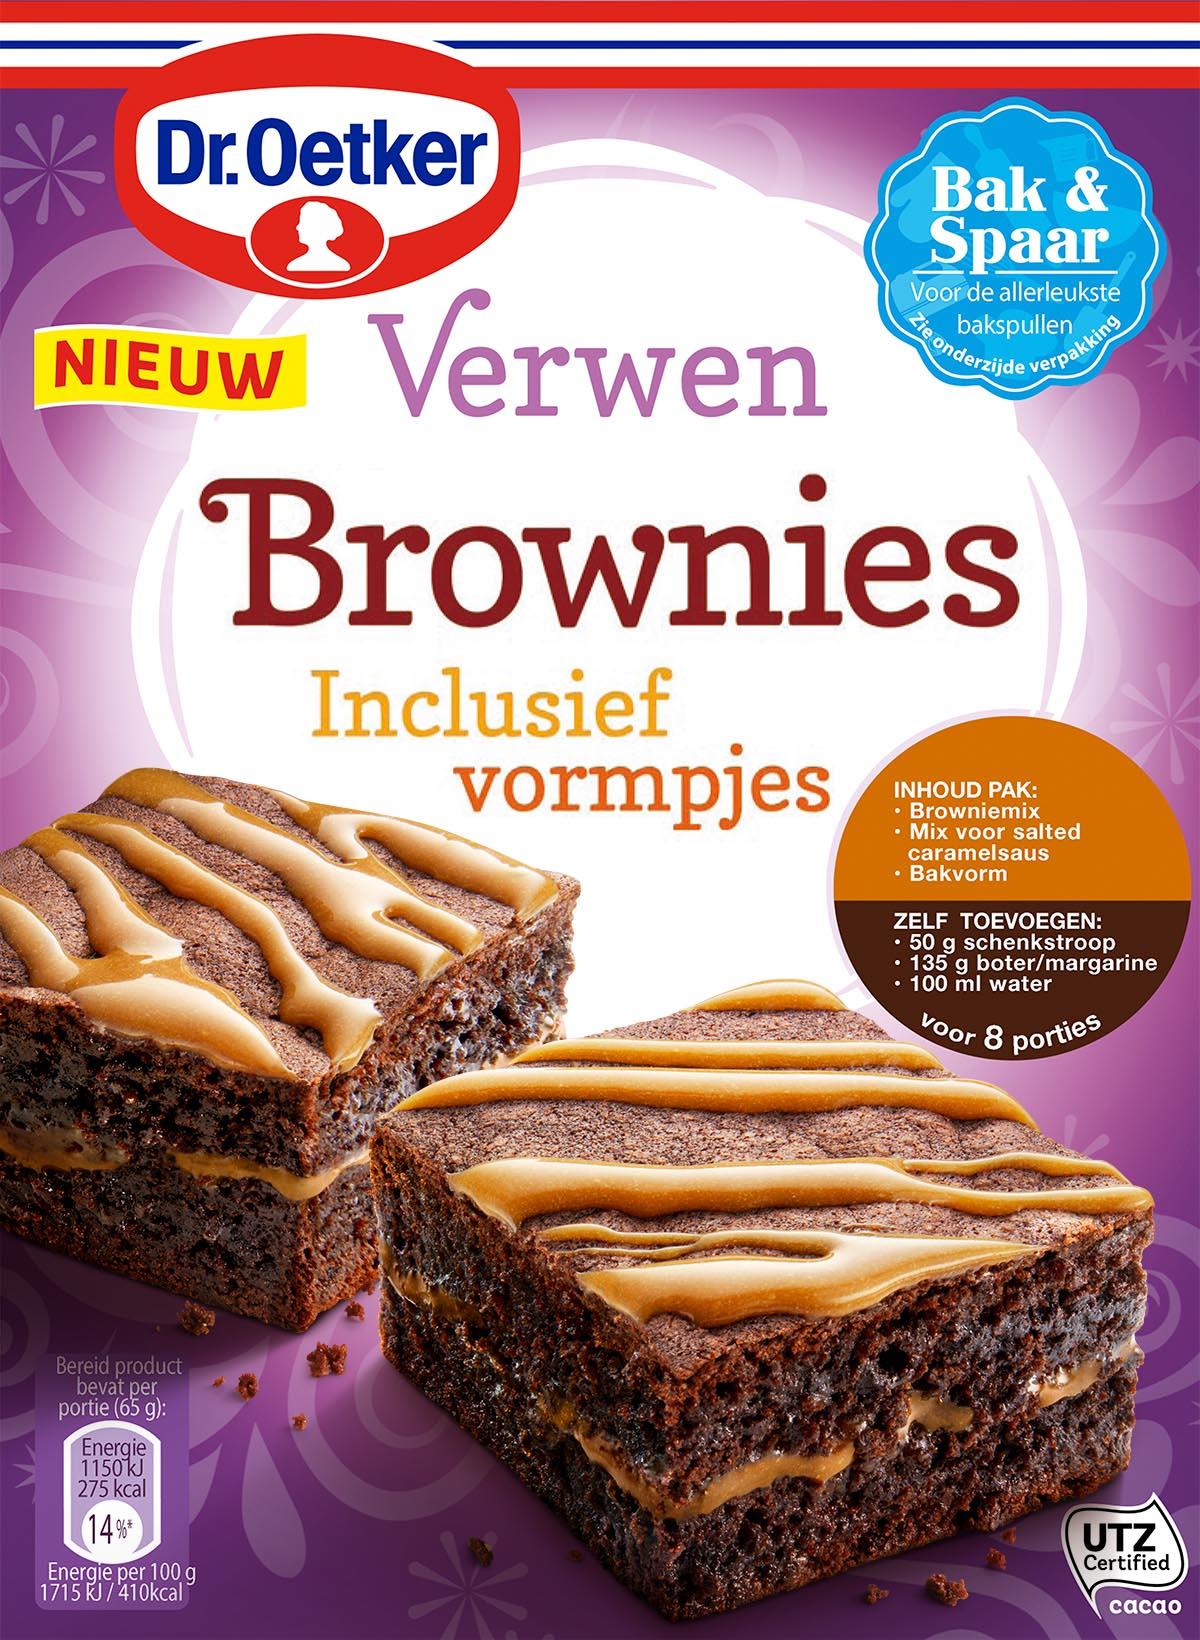 Packaging fotografie van Dr.Oetker's brownies karamel en zeezout gemaakt door Studio_m Fotografie Amsterdam